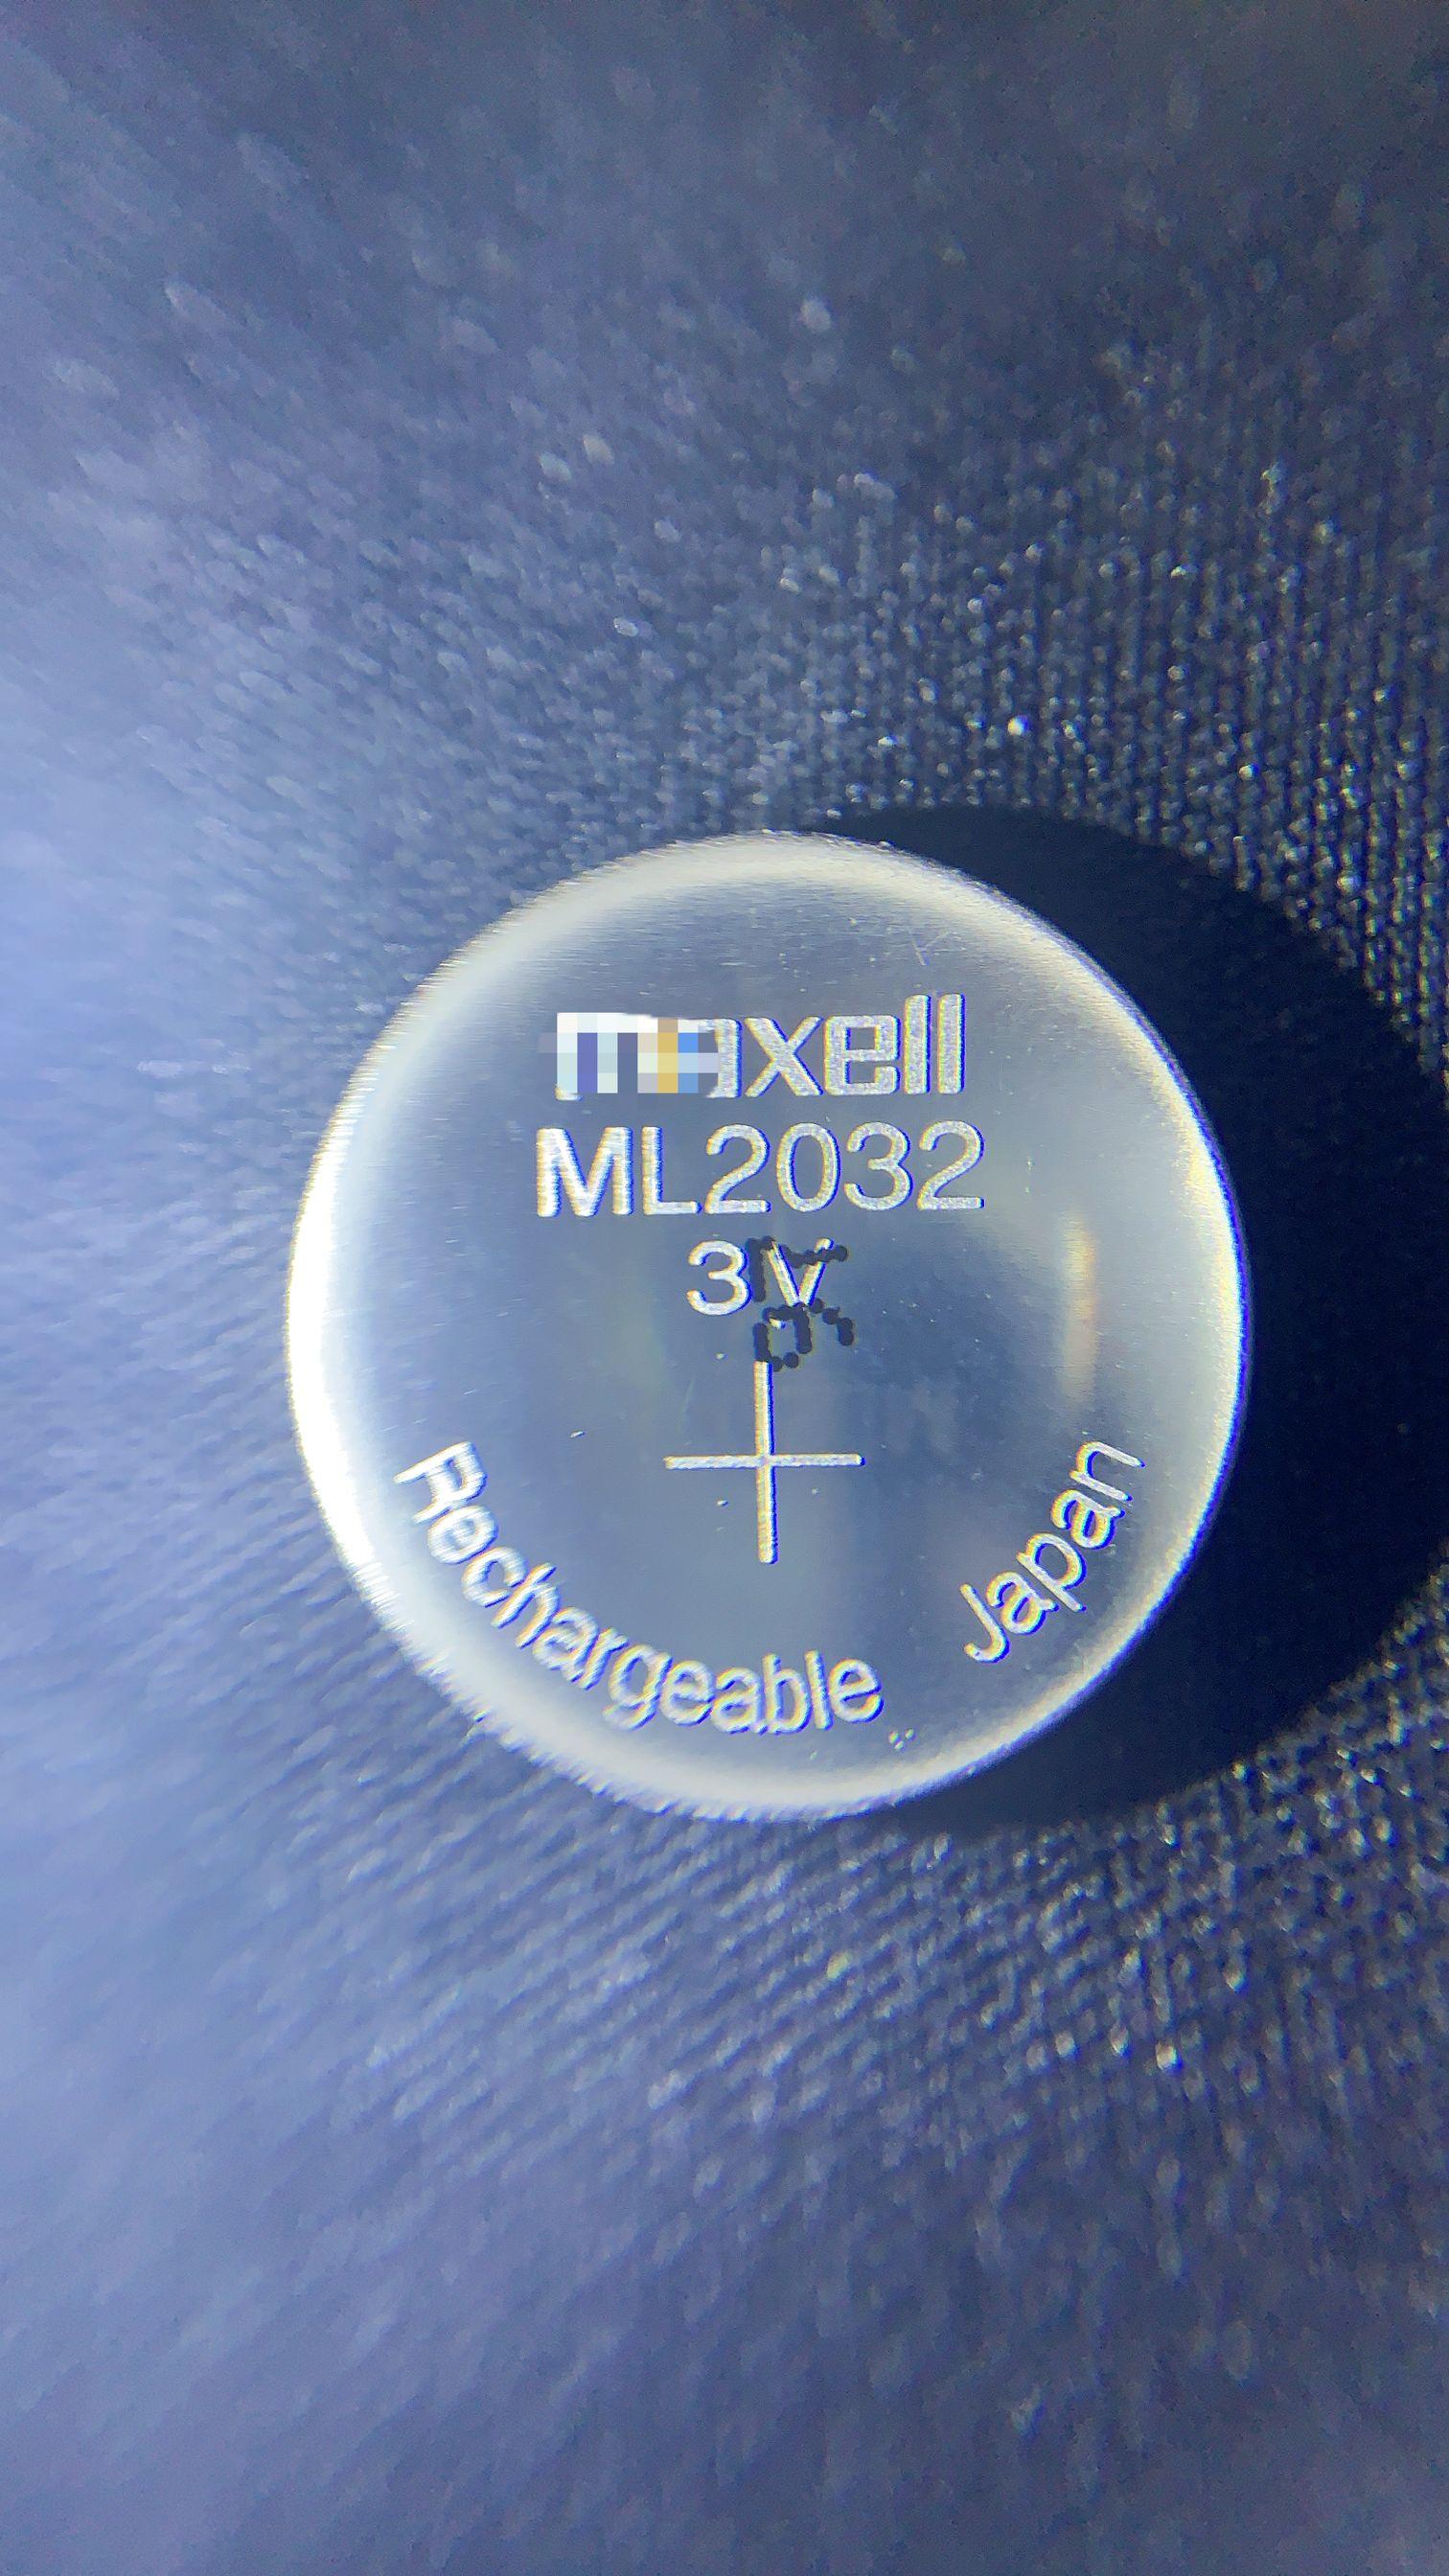 1PCS/LOT  New Original Maxell Ml2032 3 V Ricaricabile Delle Cellule Del Tasto Batteria Al Litio Batterie A Bottone (ml2032)